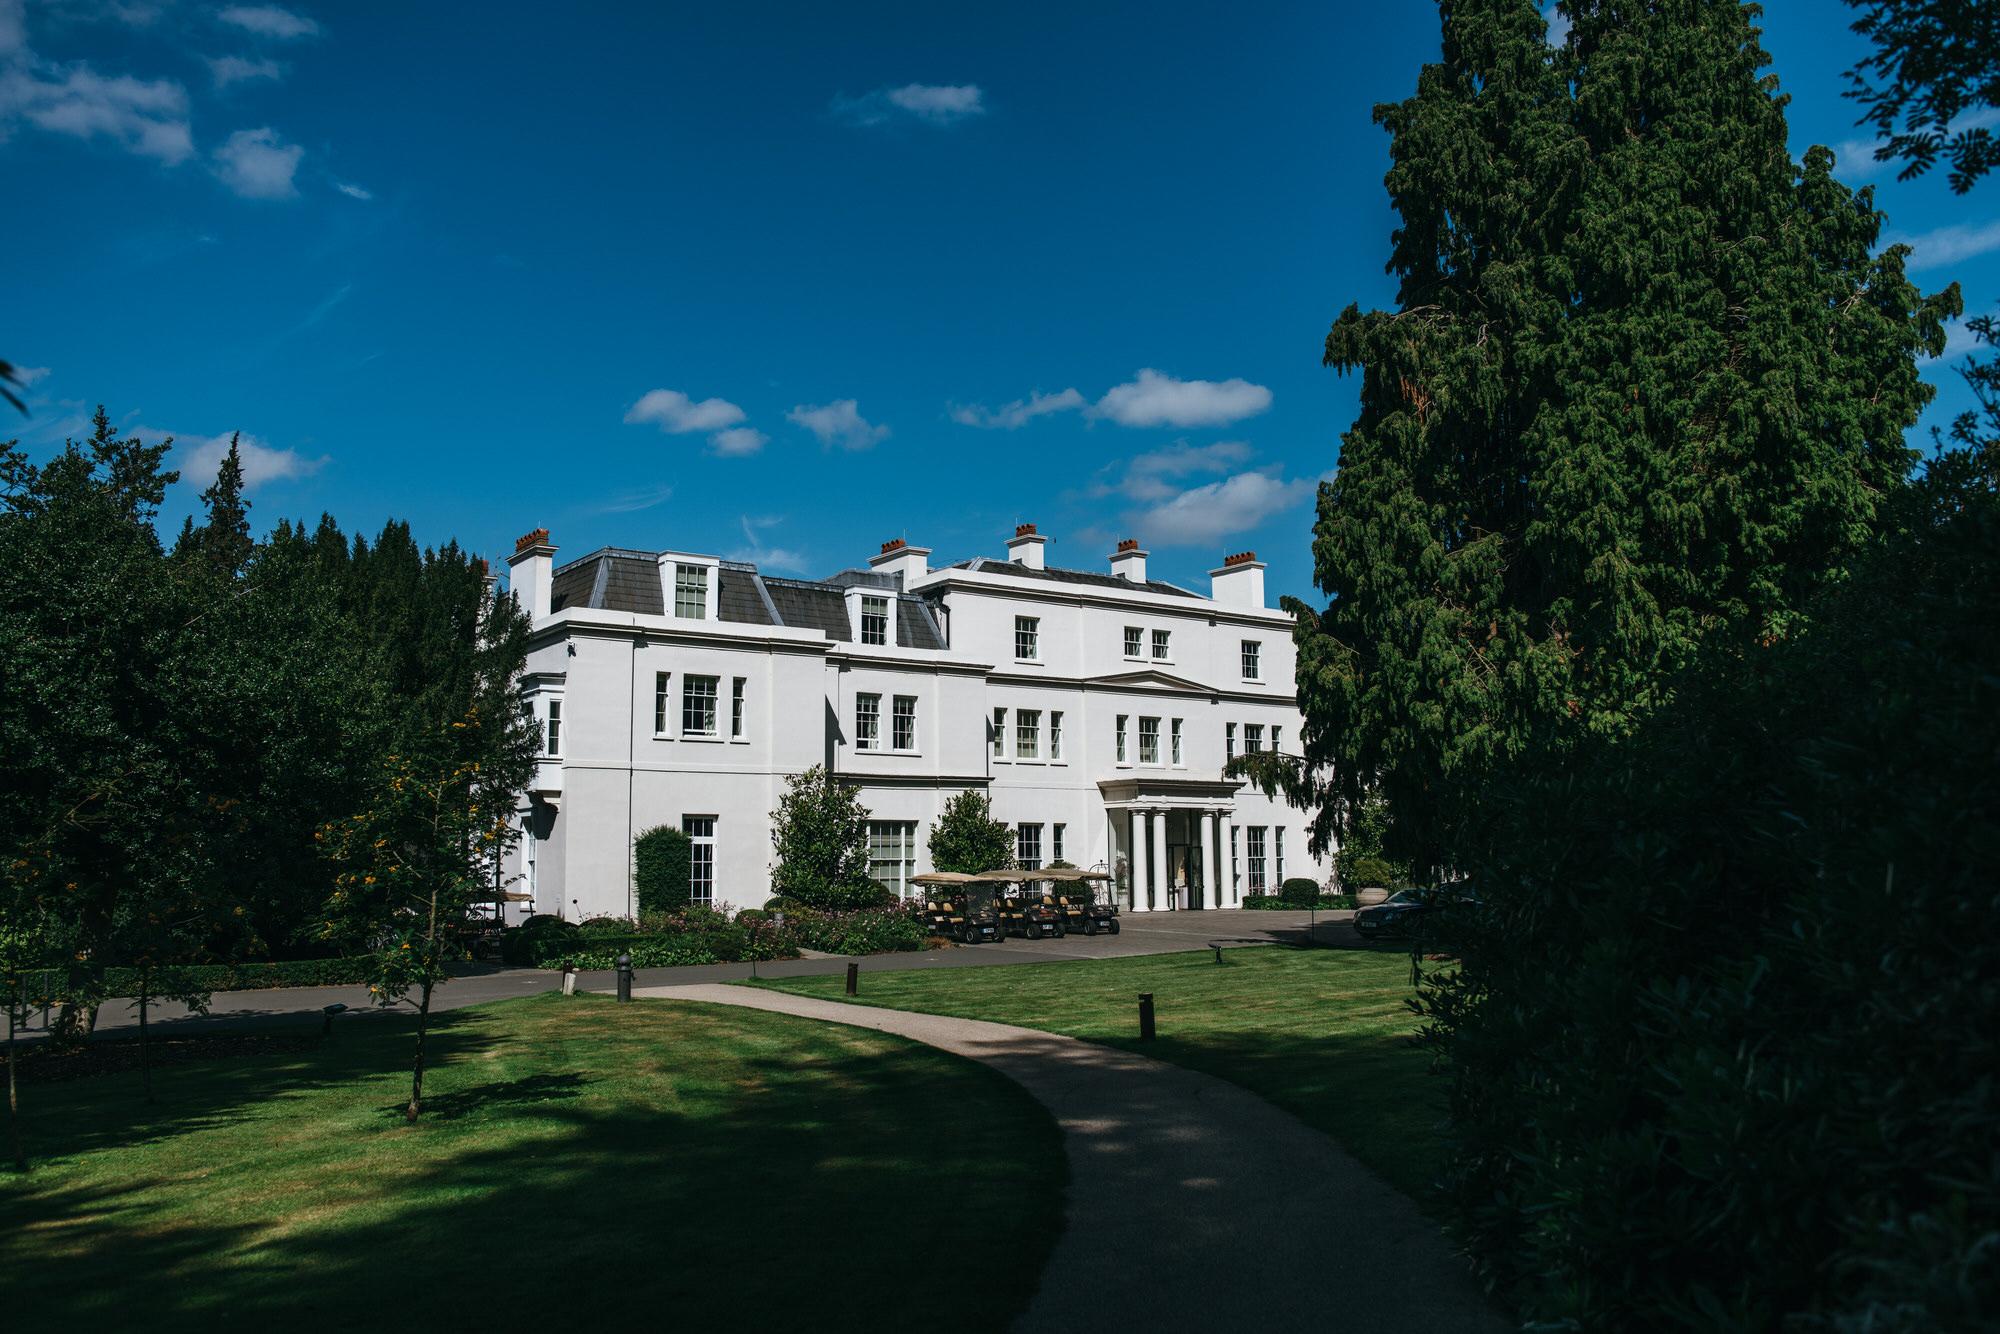 Coworth park wedding venue